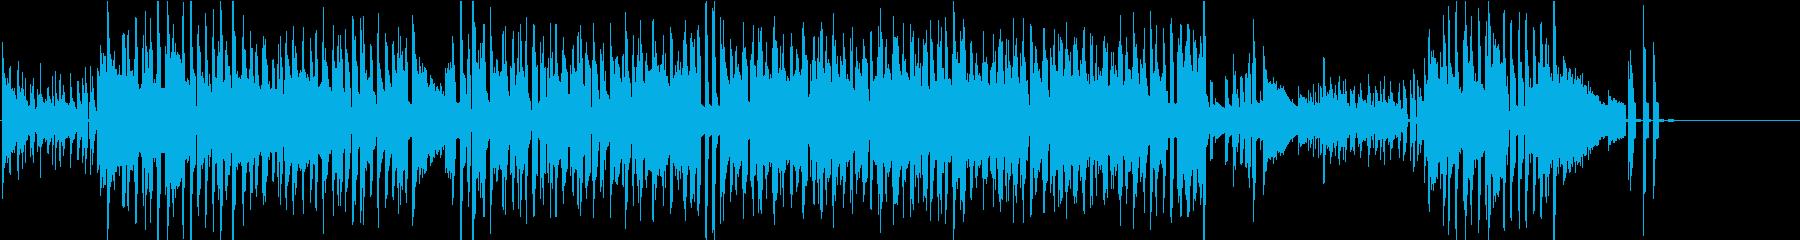 チップチューンでビッグバンドジャズの再生済みの波形